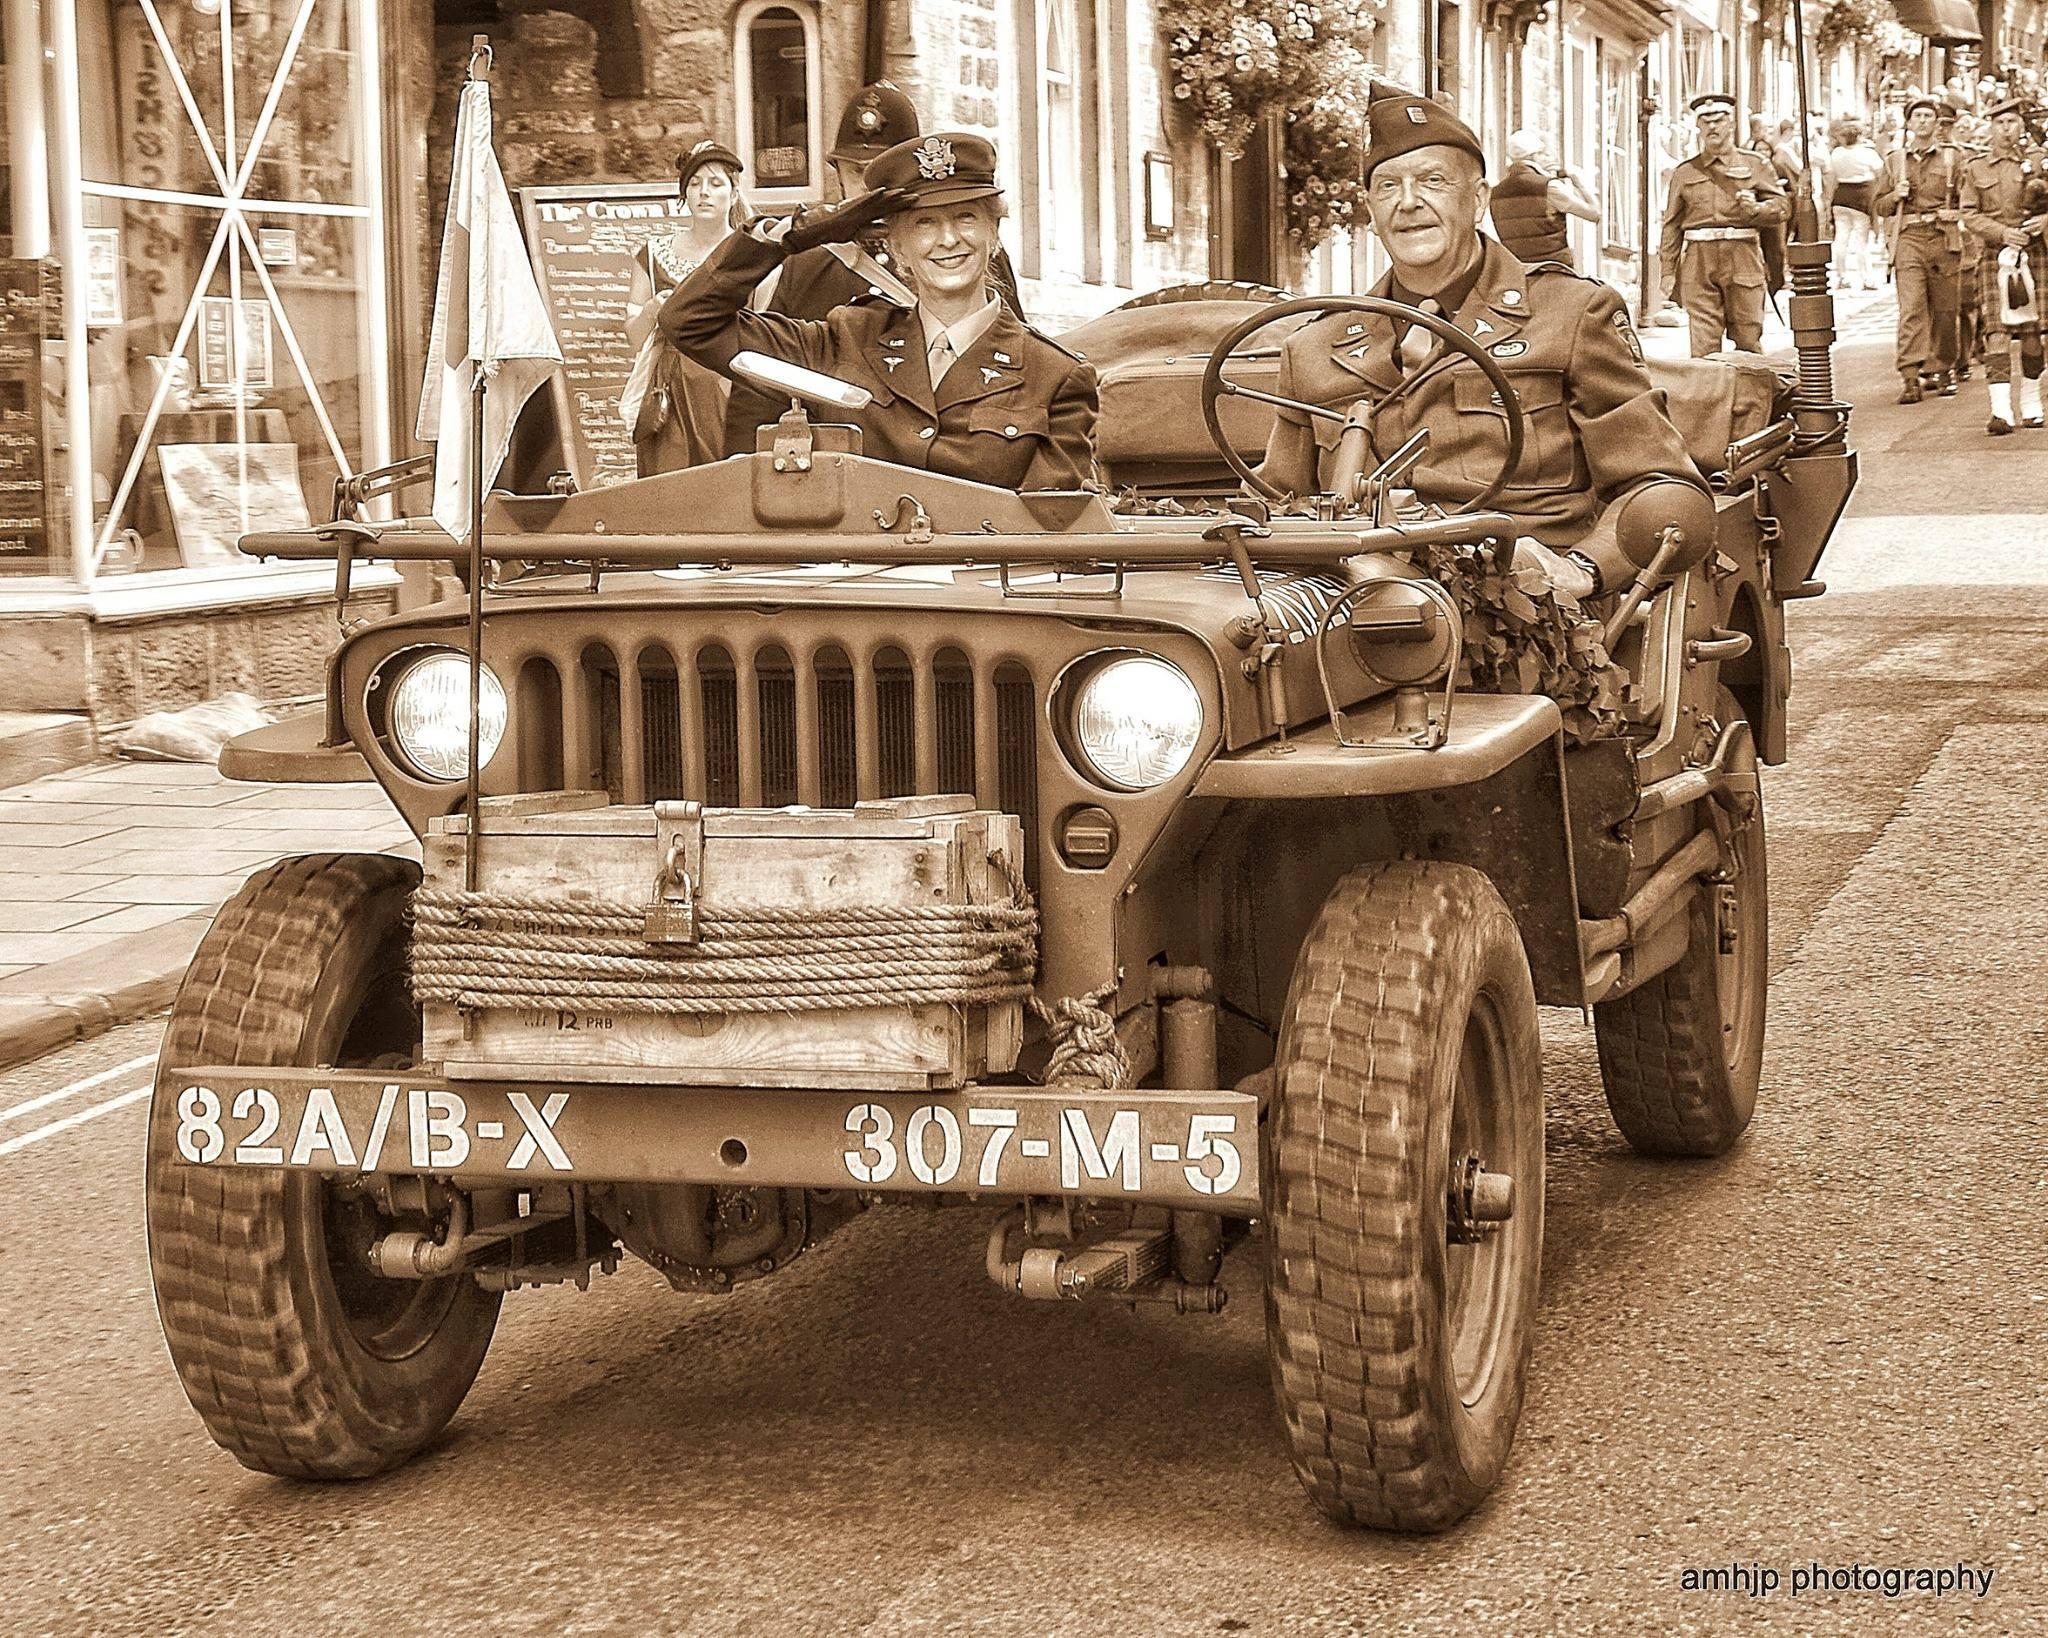 Pateley Bridge 1940s Weekend